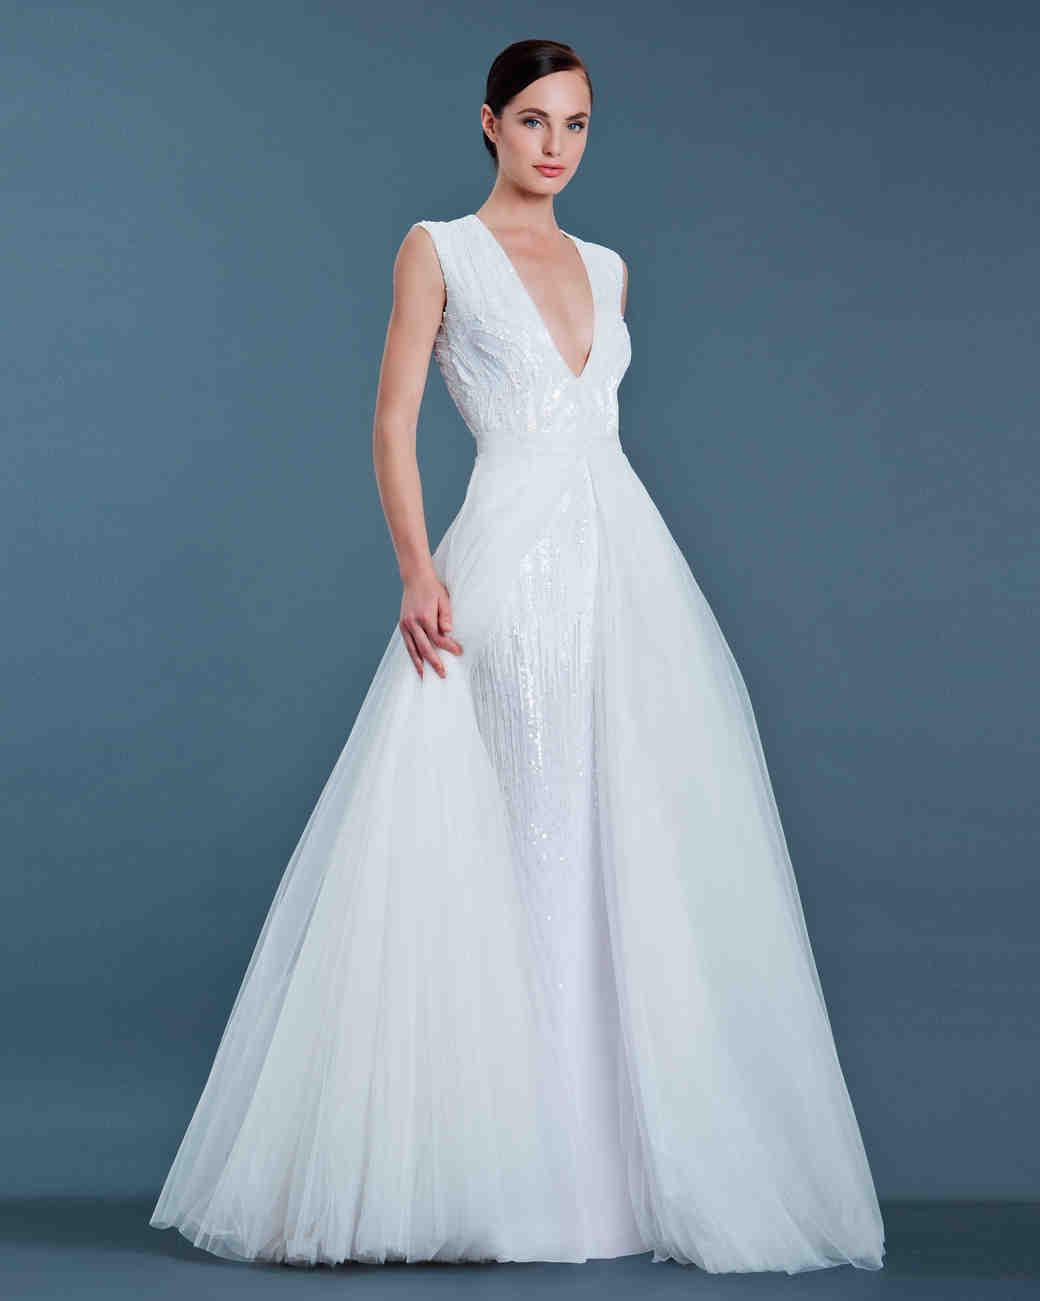 jmendel-fall2016-wedding-dress-2-celine-with-skirt.jpg